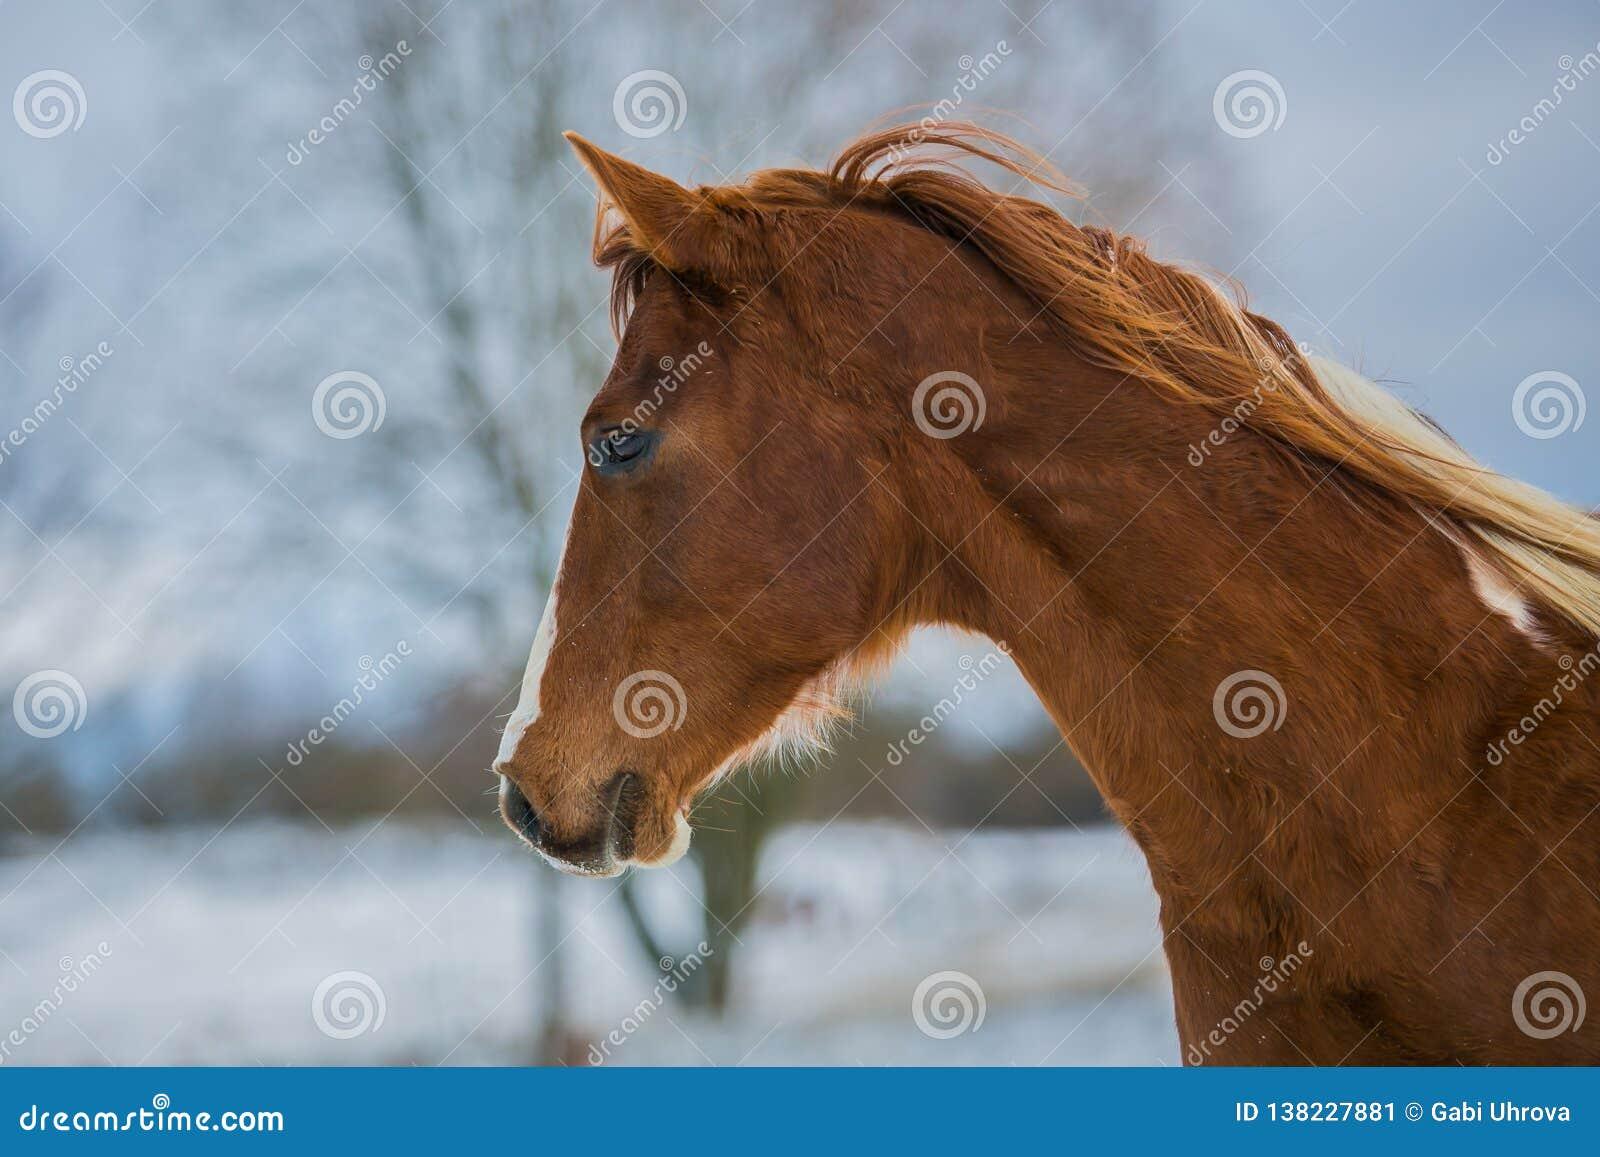 美丽的幼小棕色马头在一个冬日